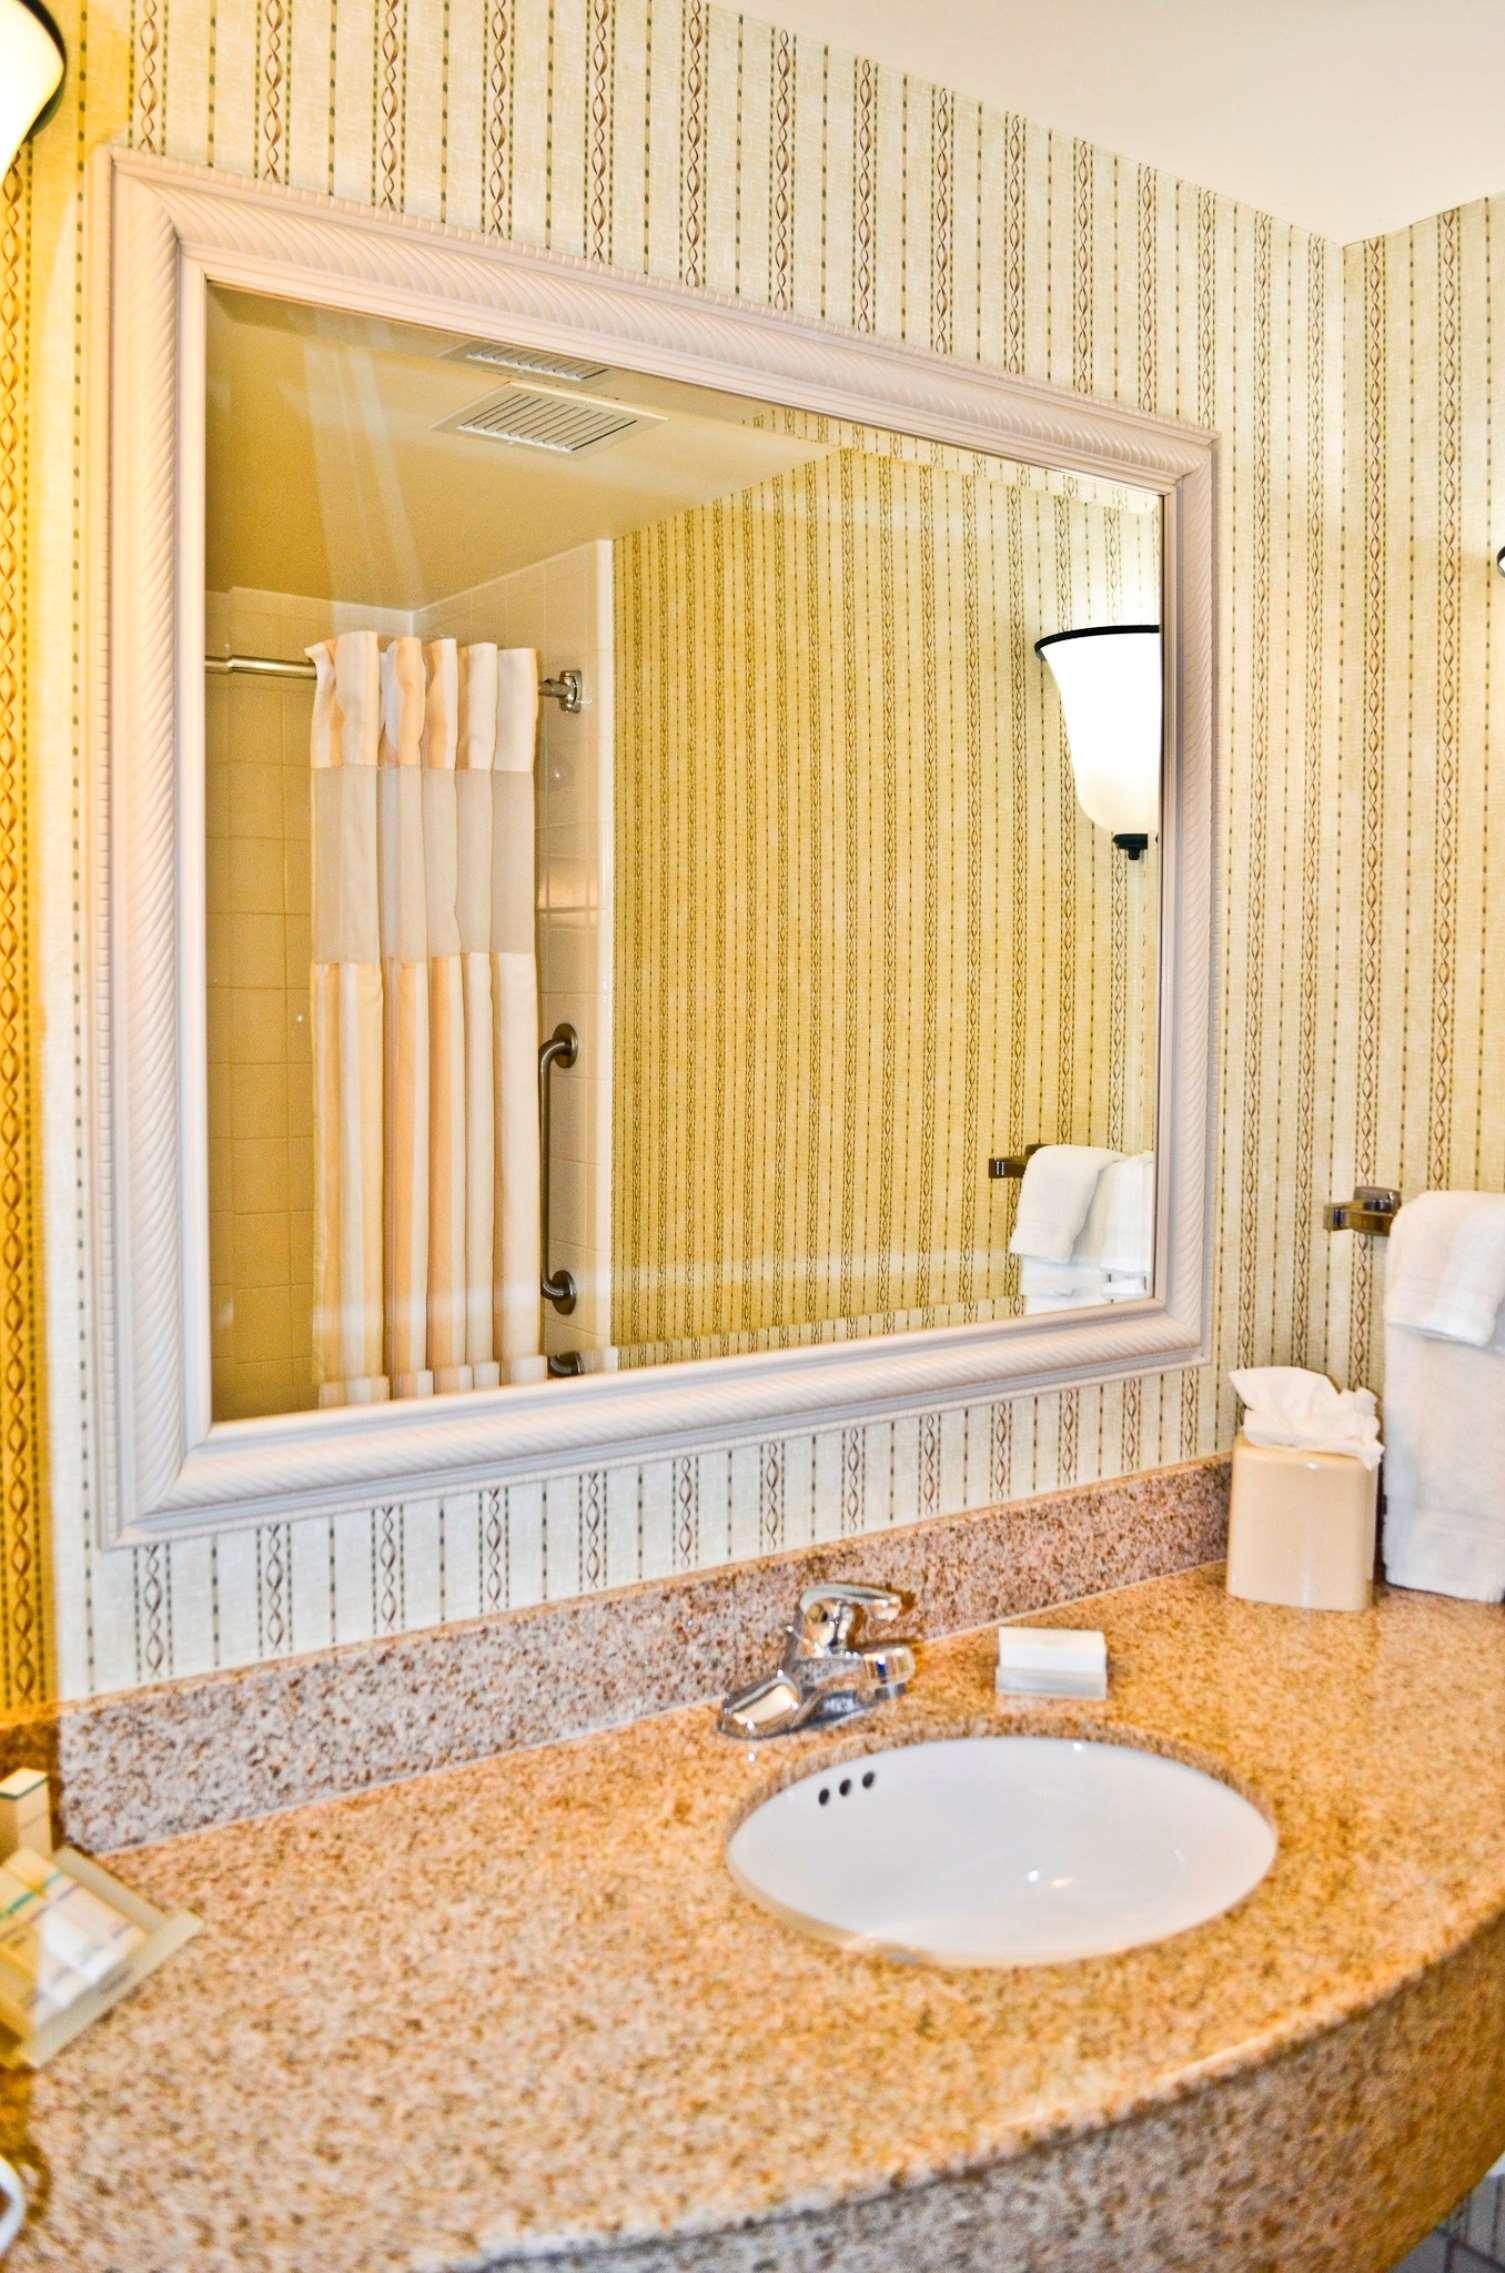 Hilton Garden Inn Cincinnati Northeast image 13